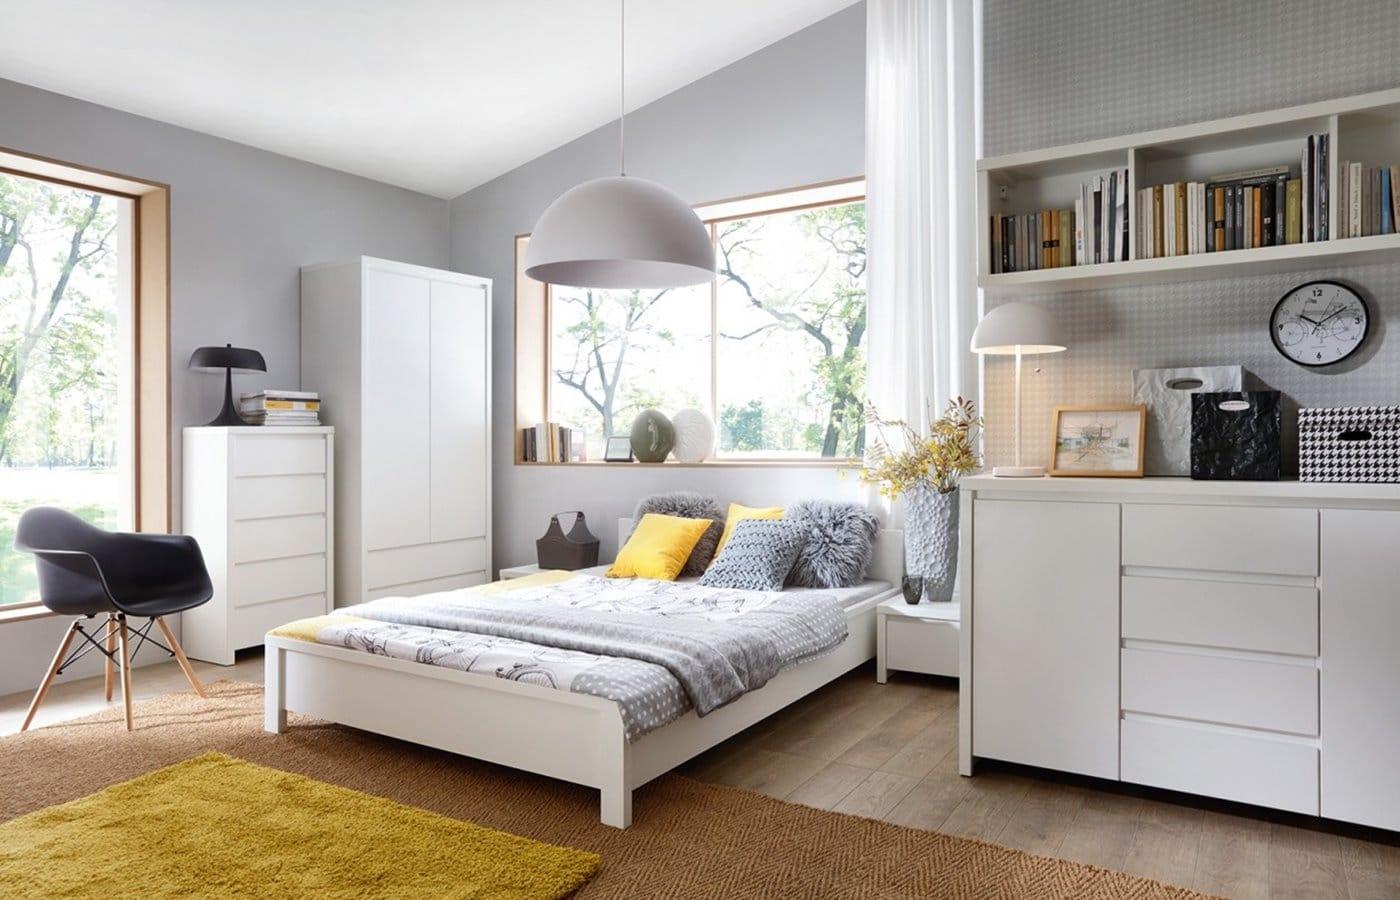 Kaspian sypialnia